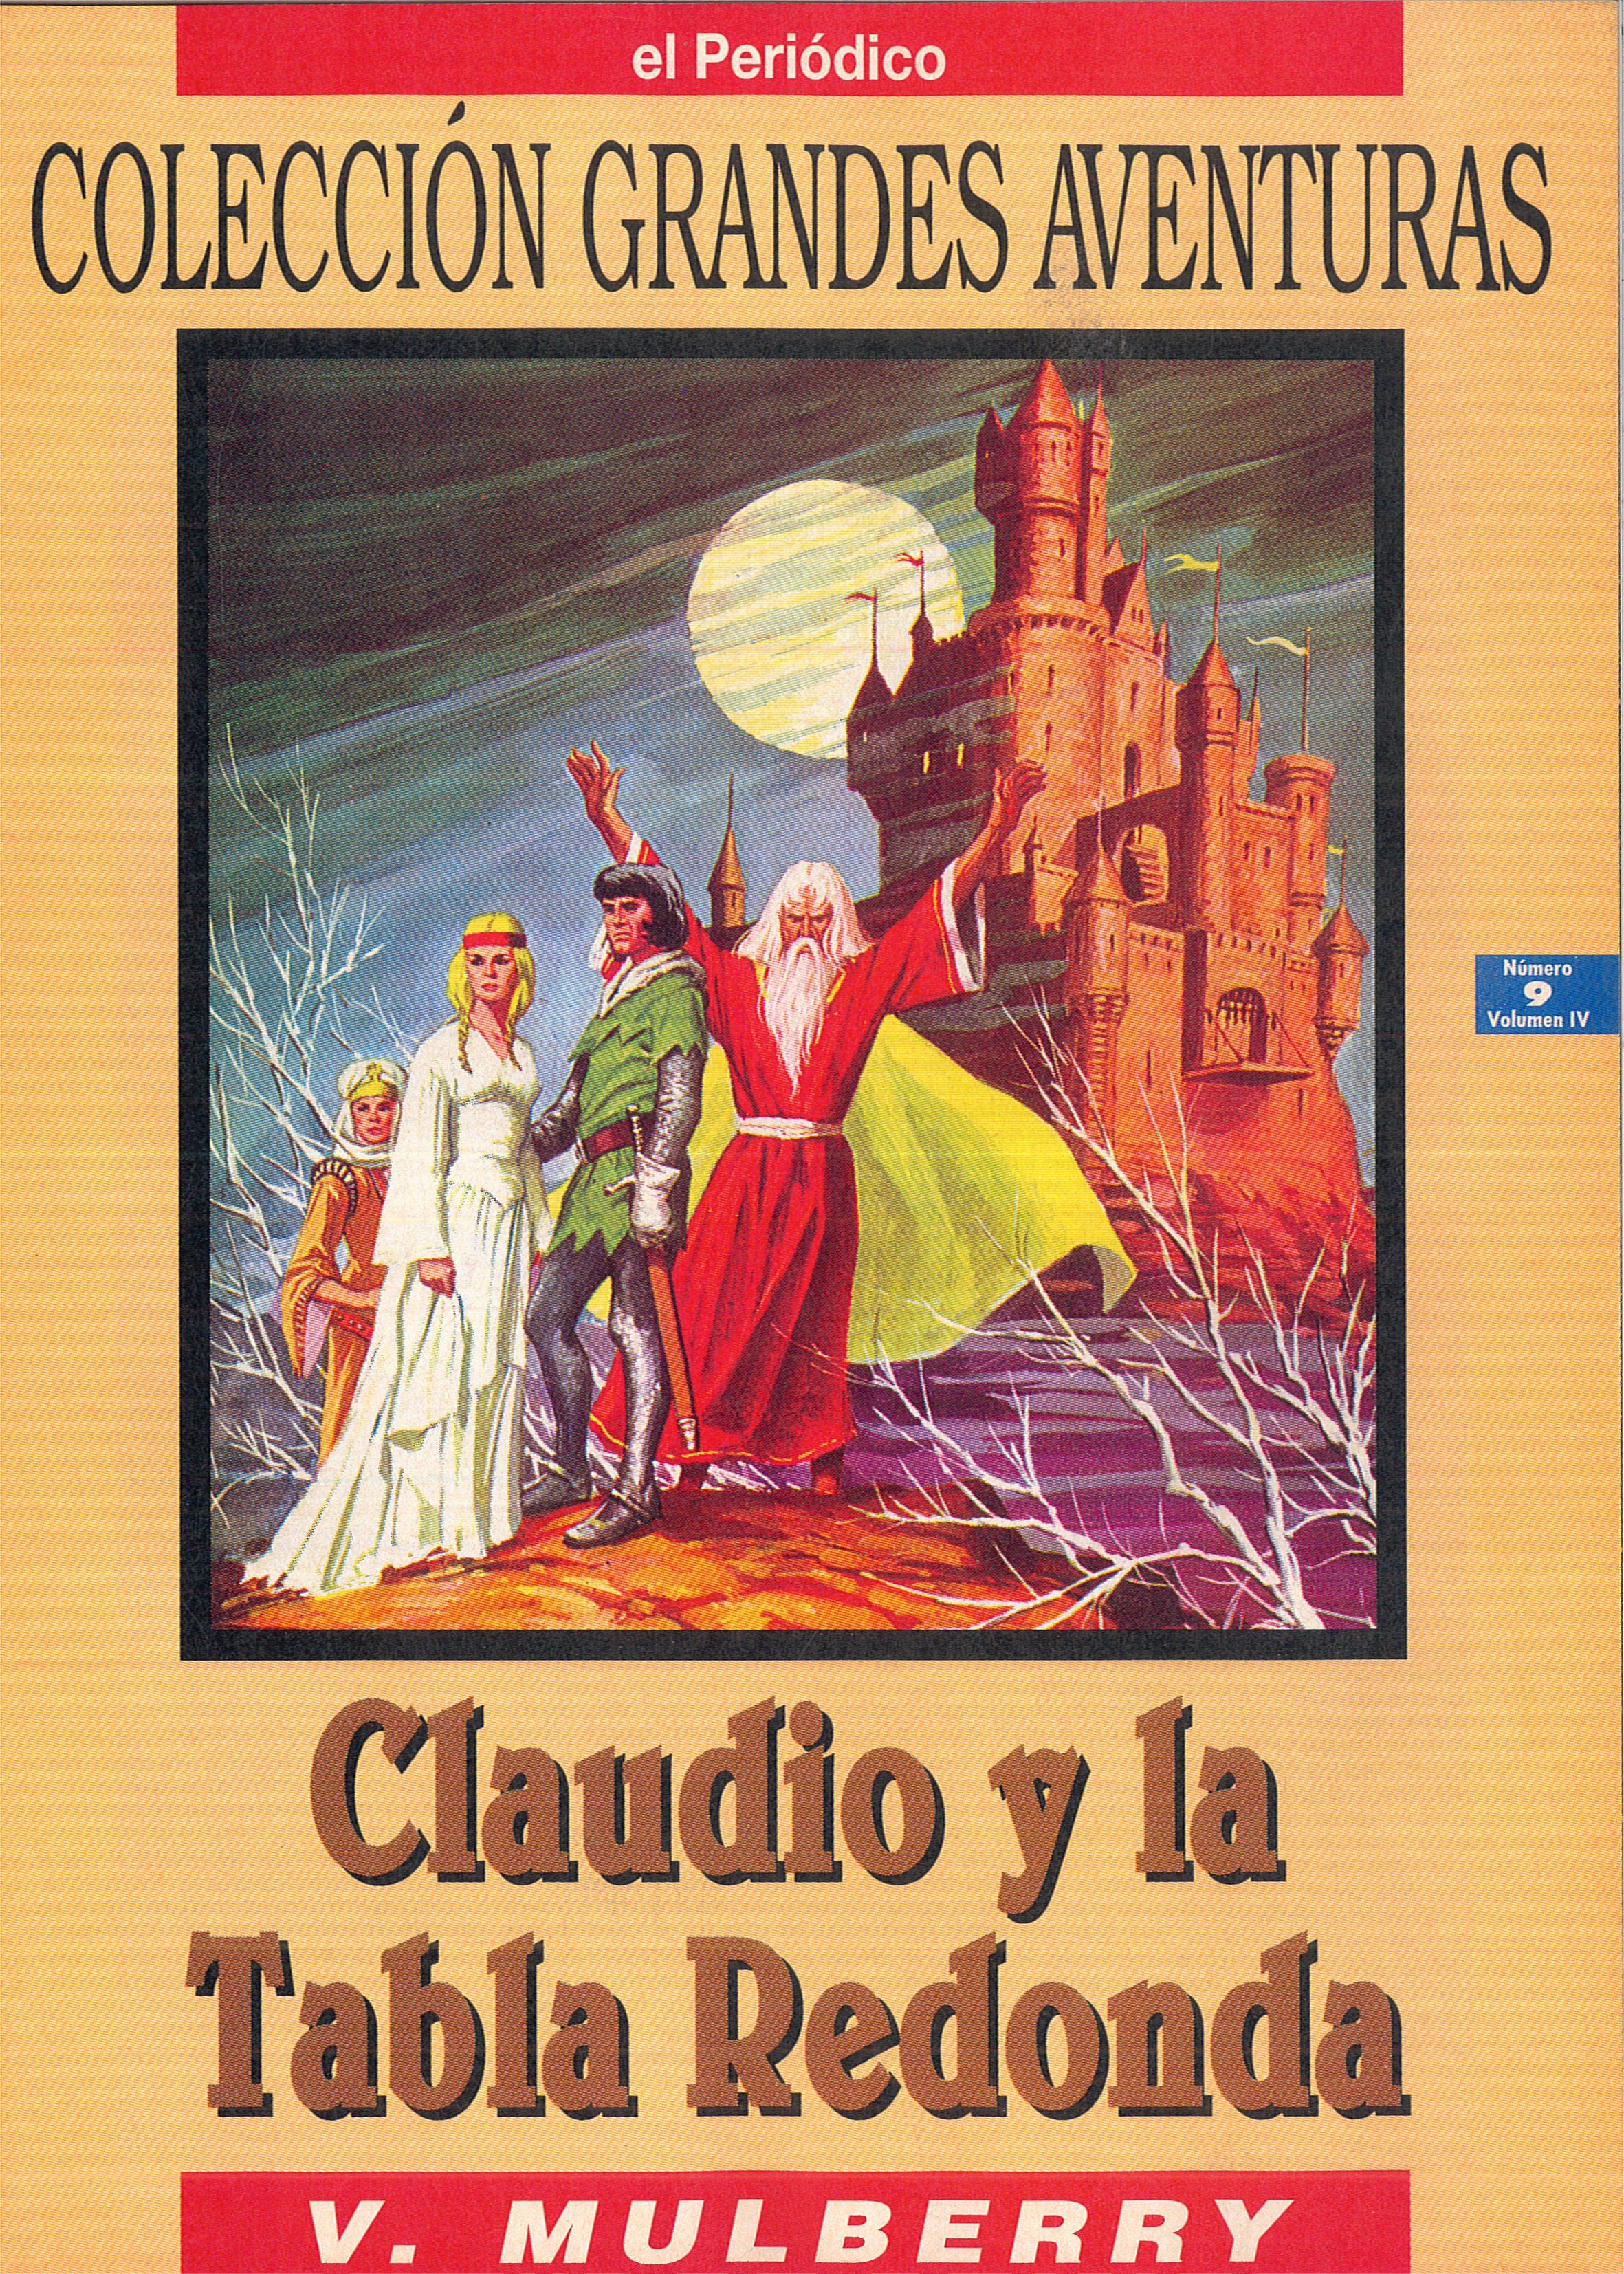 CLAUDIO Y LA TABLA REDONDA (V. Mulberry)